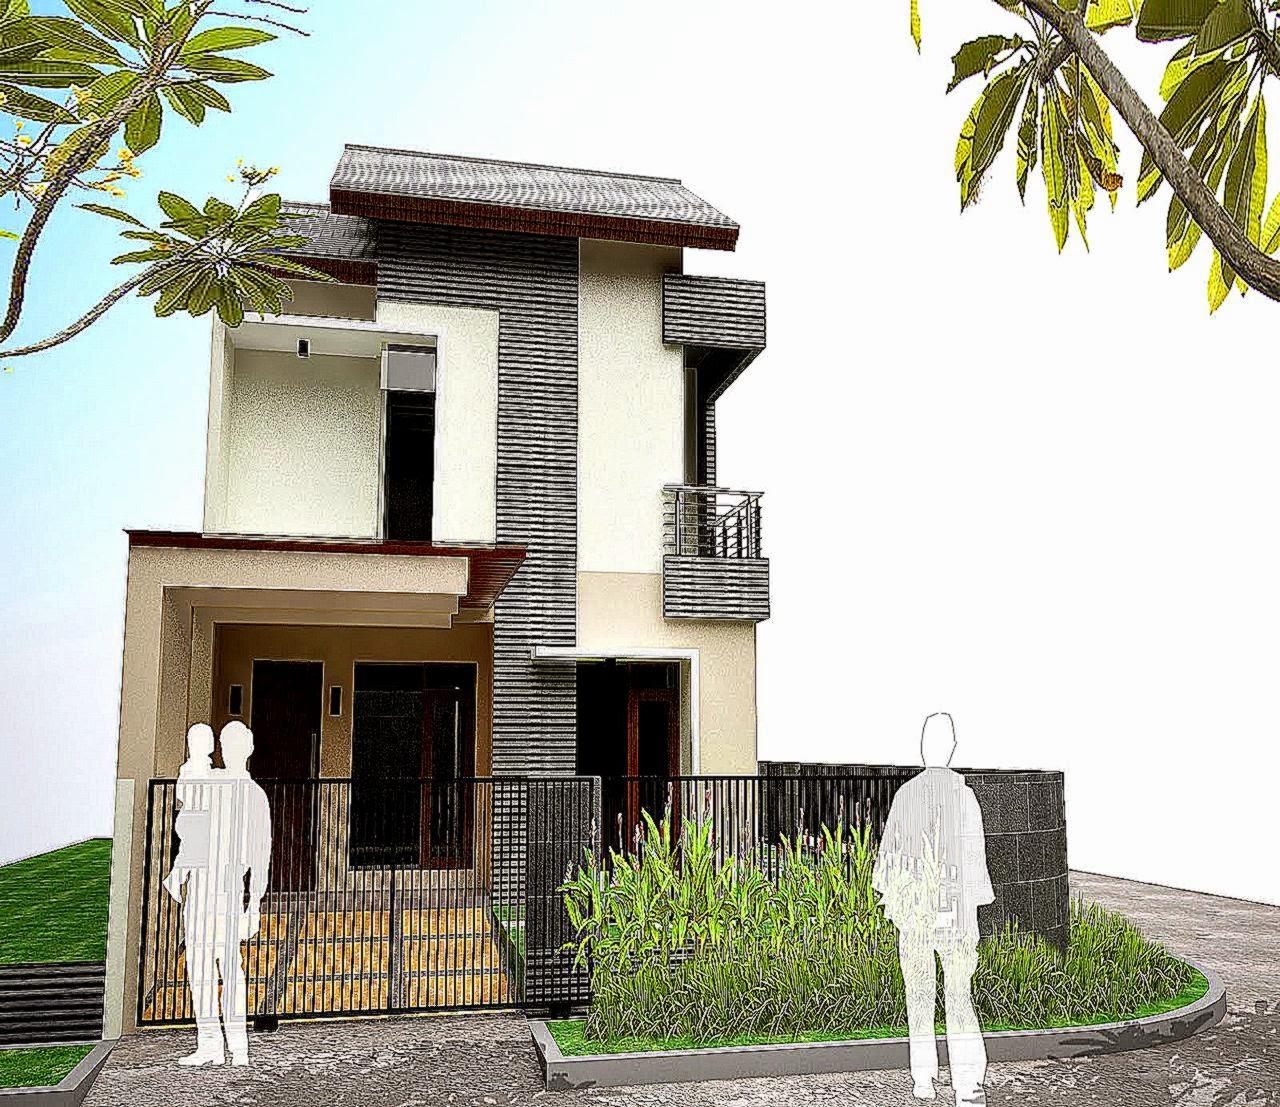 Model Terbaru Rumah Minimalis 2015 » Gambardesainrumahminimalis